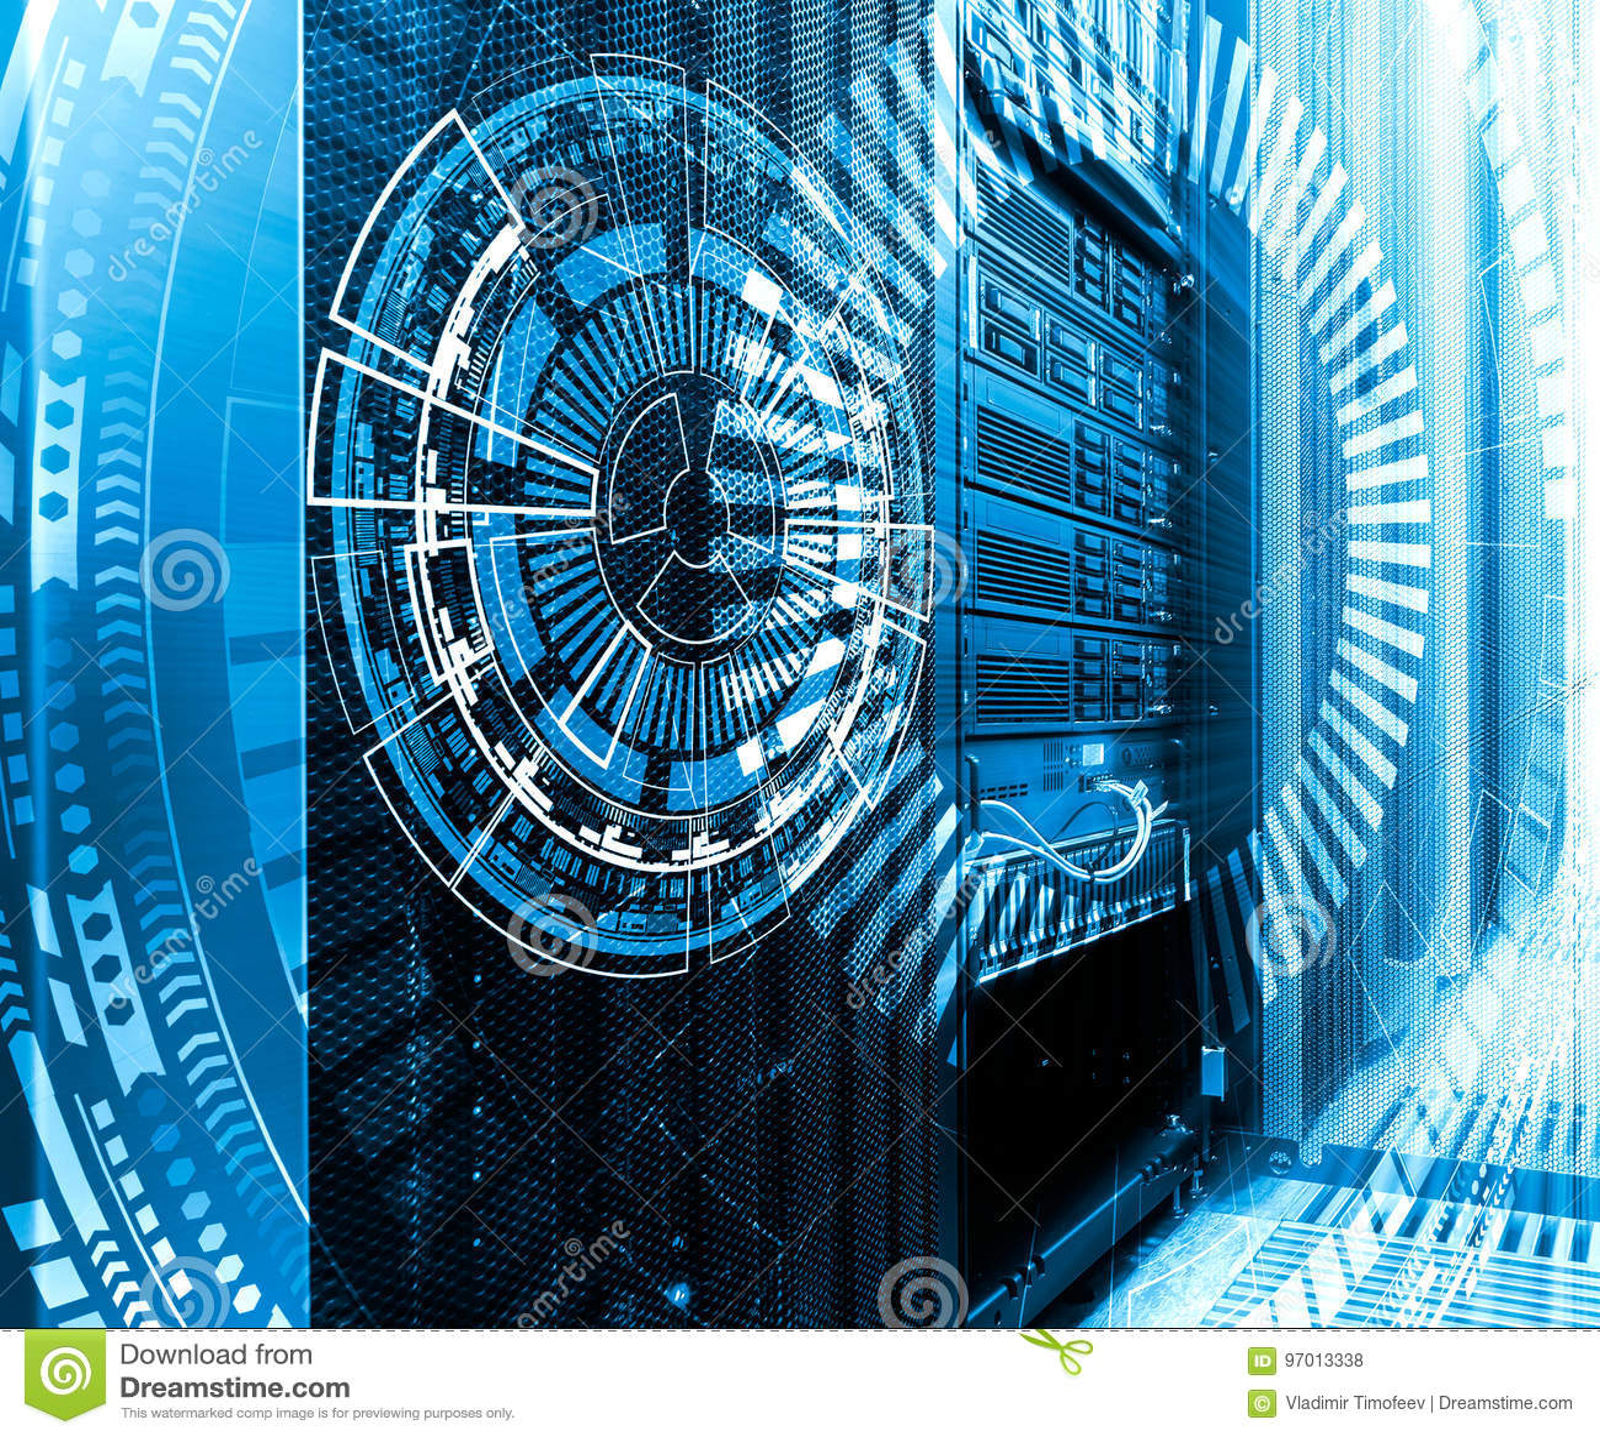 Technologie, cyberspace en virtueel werkelijkheidsconcept - hologram met technologische achtergrond